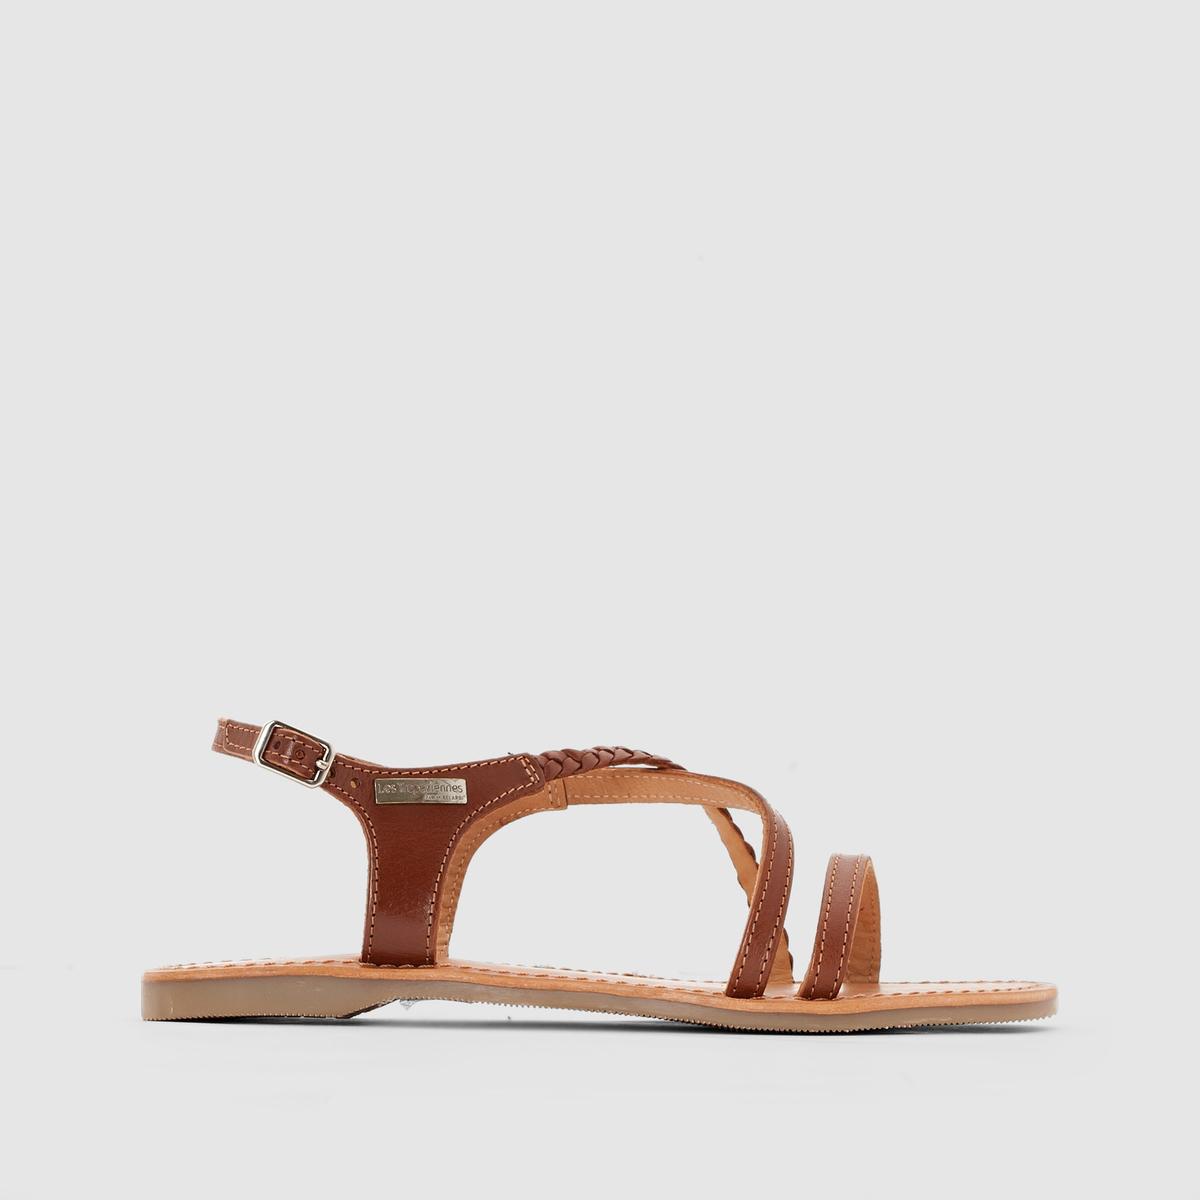 Босоножки кожаные на плоском каблуке HananoВерх : кожа   Подкладка : кожа   Стелька : кожа   Подошва : синтетика   Форма каблука : плоский каблук   Мысок : закругленный мысок   Застежка : пряжка<br><br>Цвет: темно-коричневый<br>Размер: 38